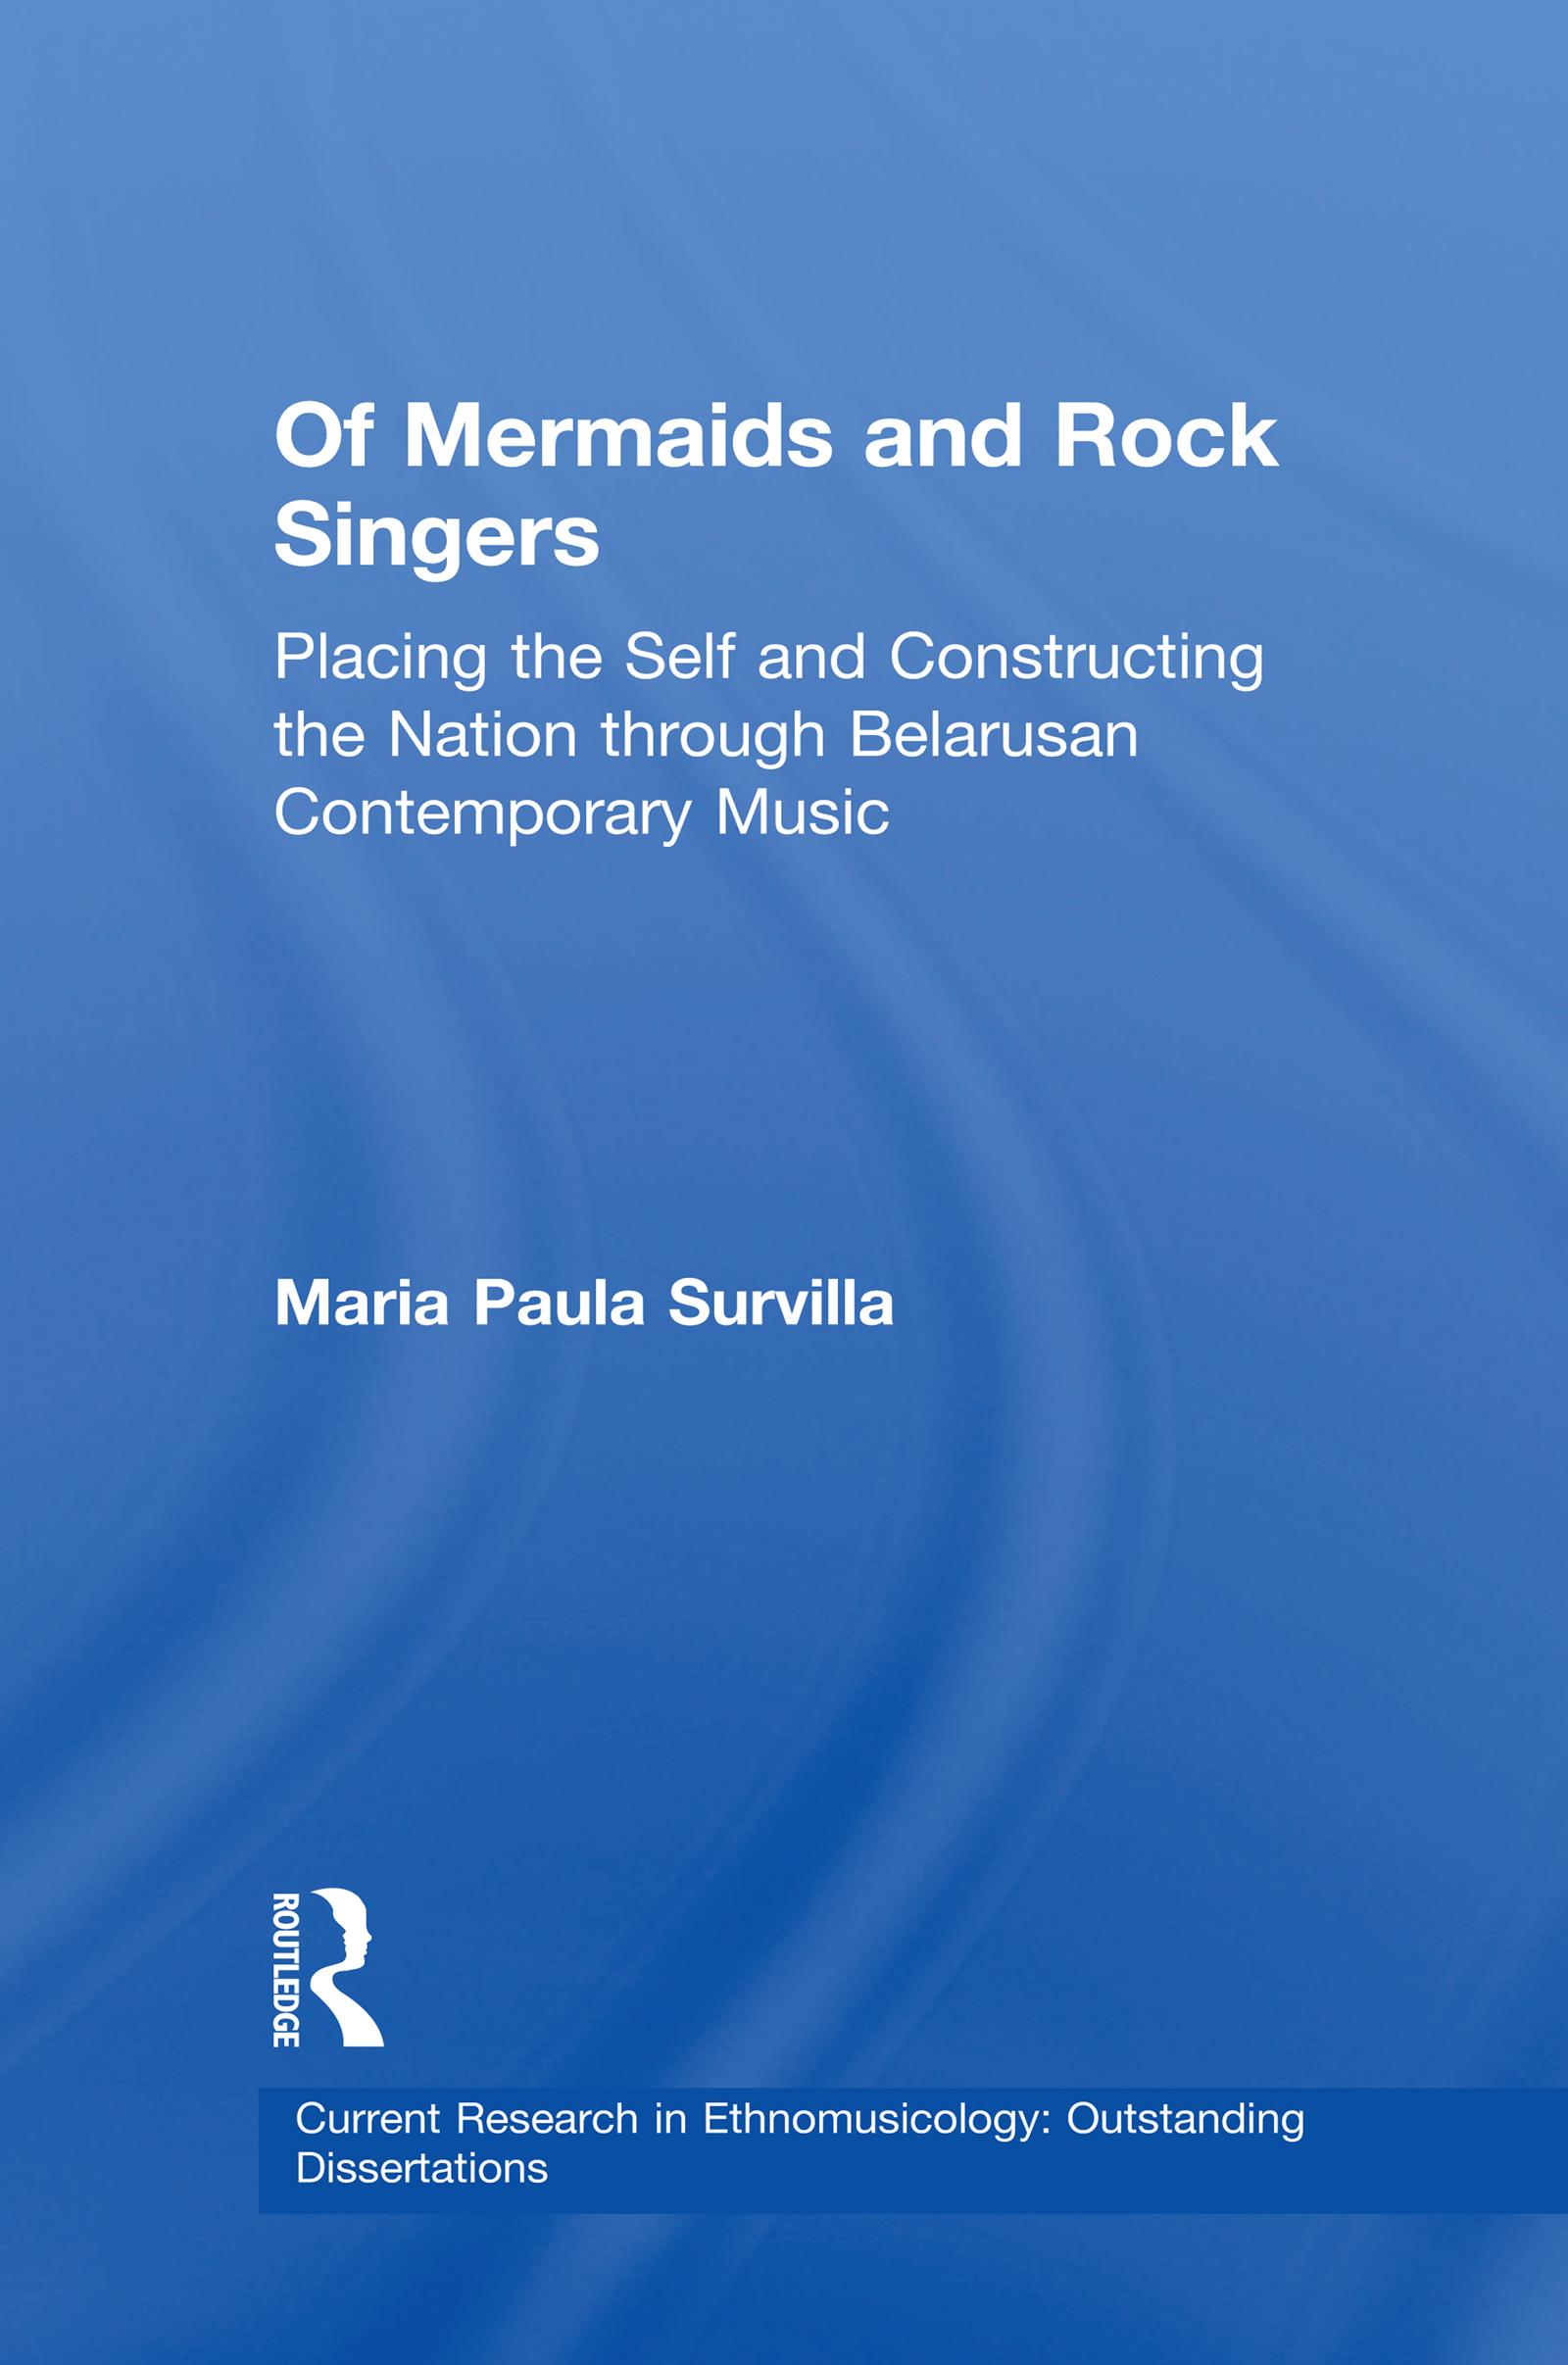 Of Mermaids and Rock Singers